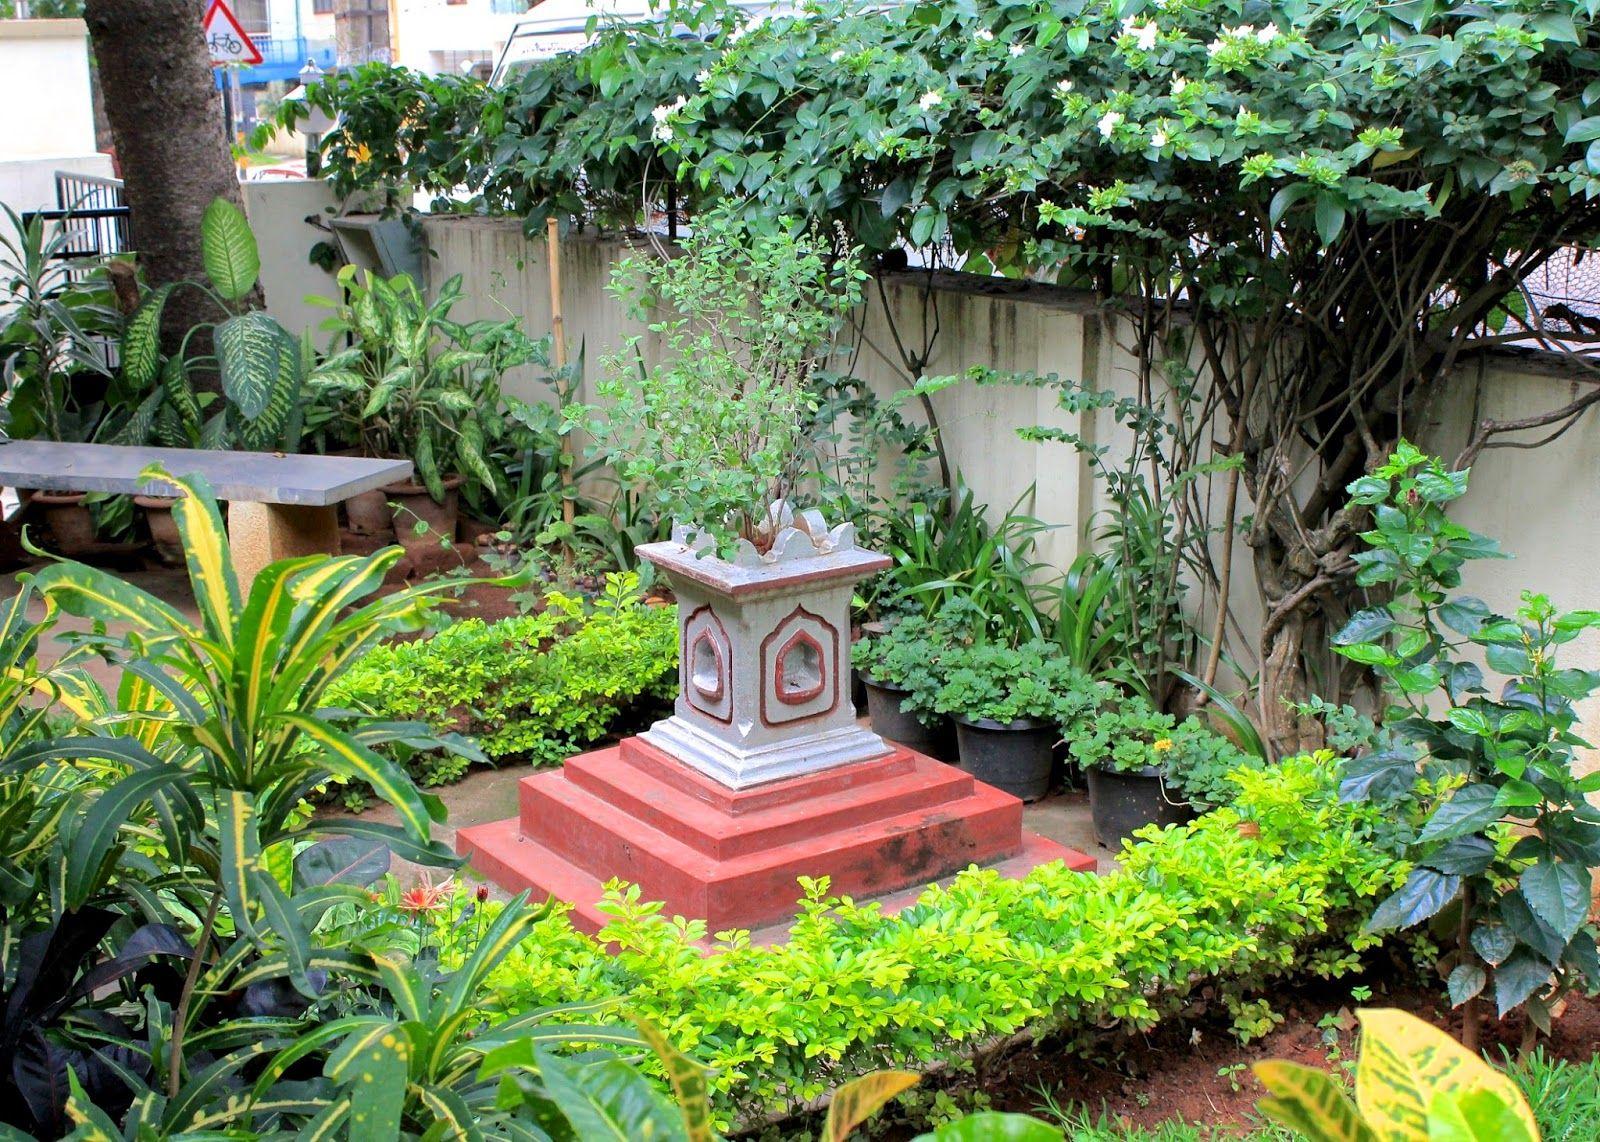 Red House Garden An Indian Garden Indian Garden Garden Ideas India Small Backyard Gardens Backyard garden ideas india